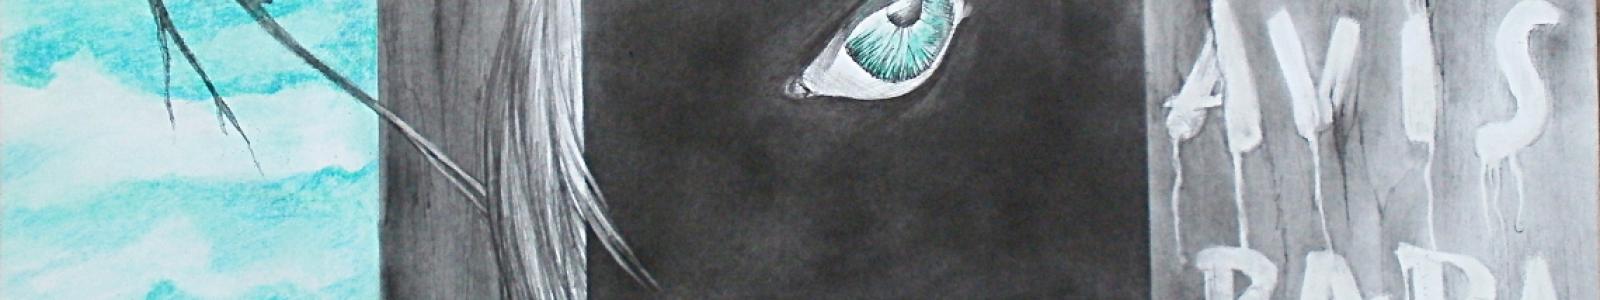 Gallery Painter Ihor Pogrebnyak